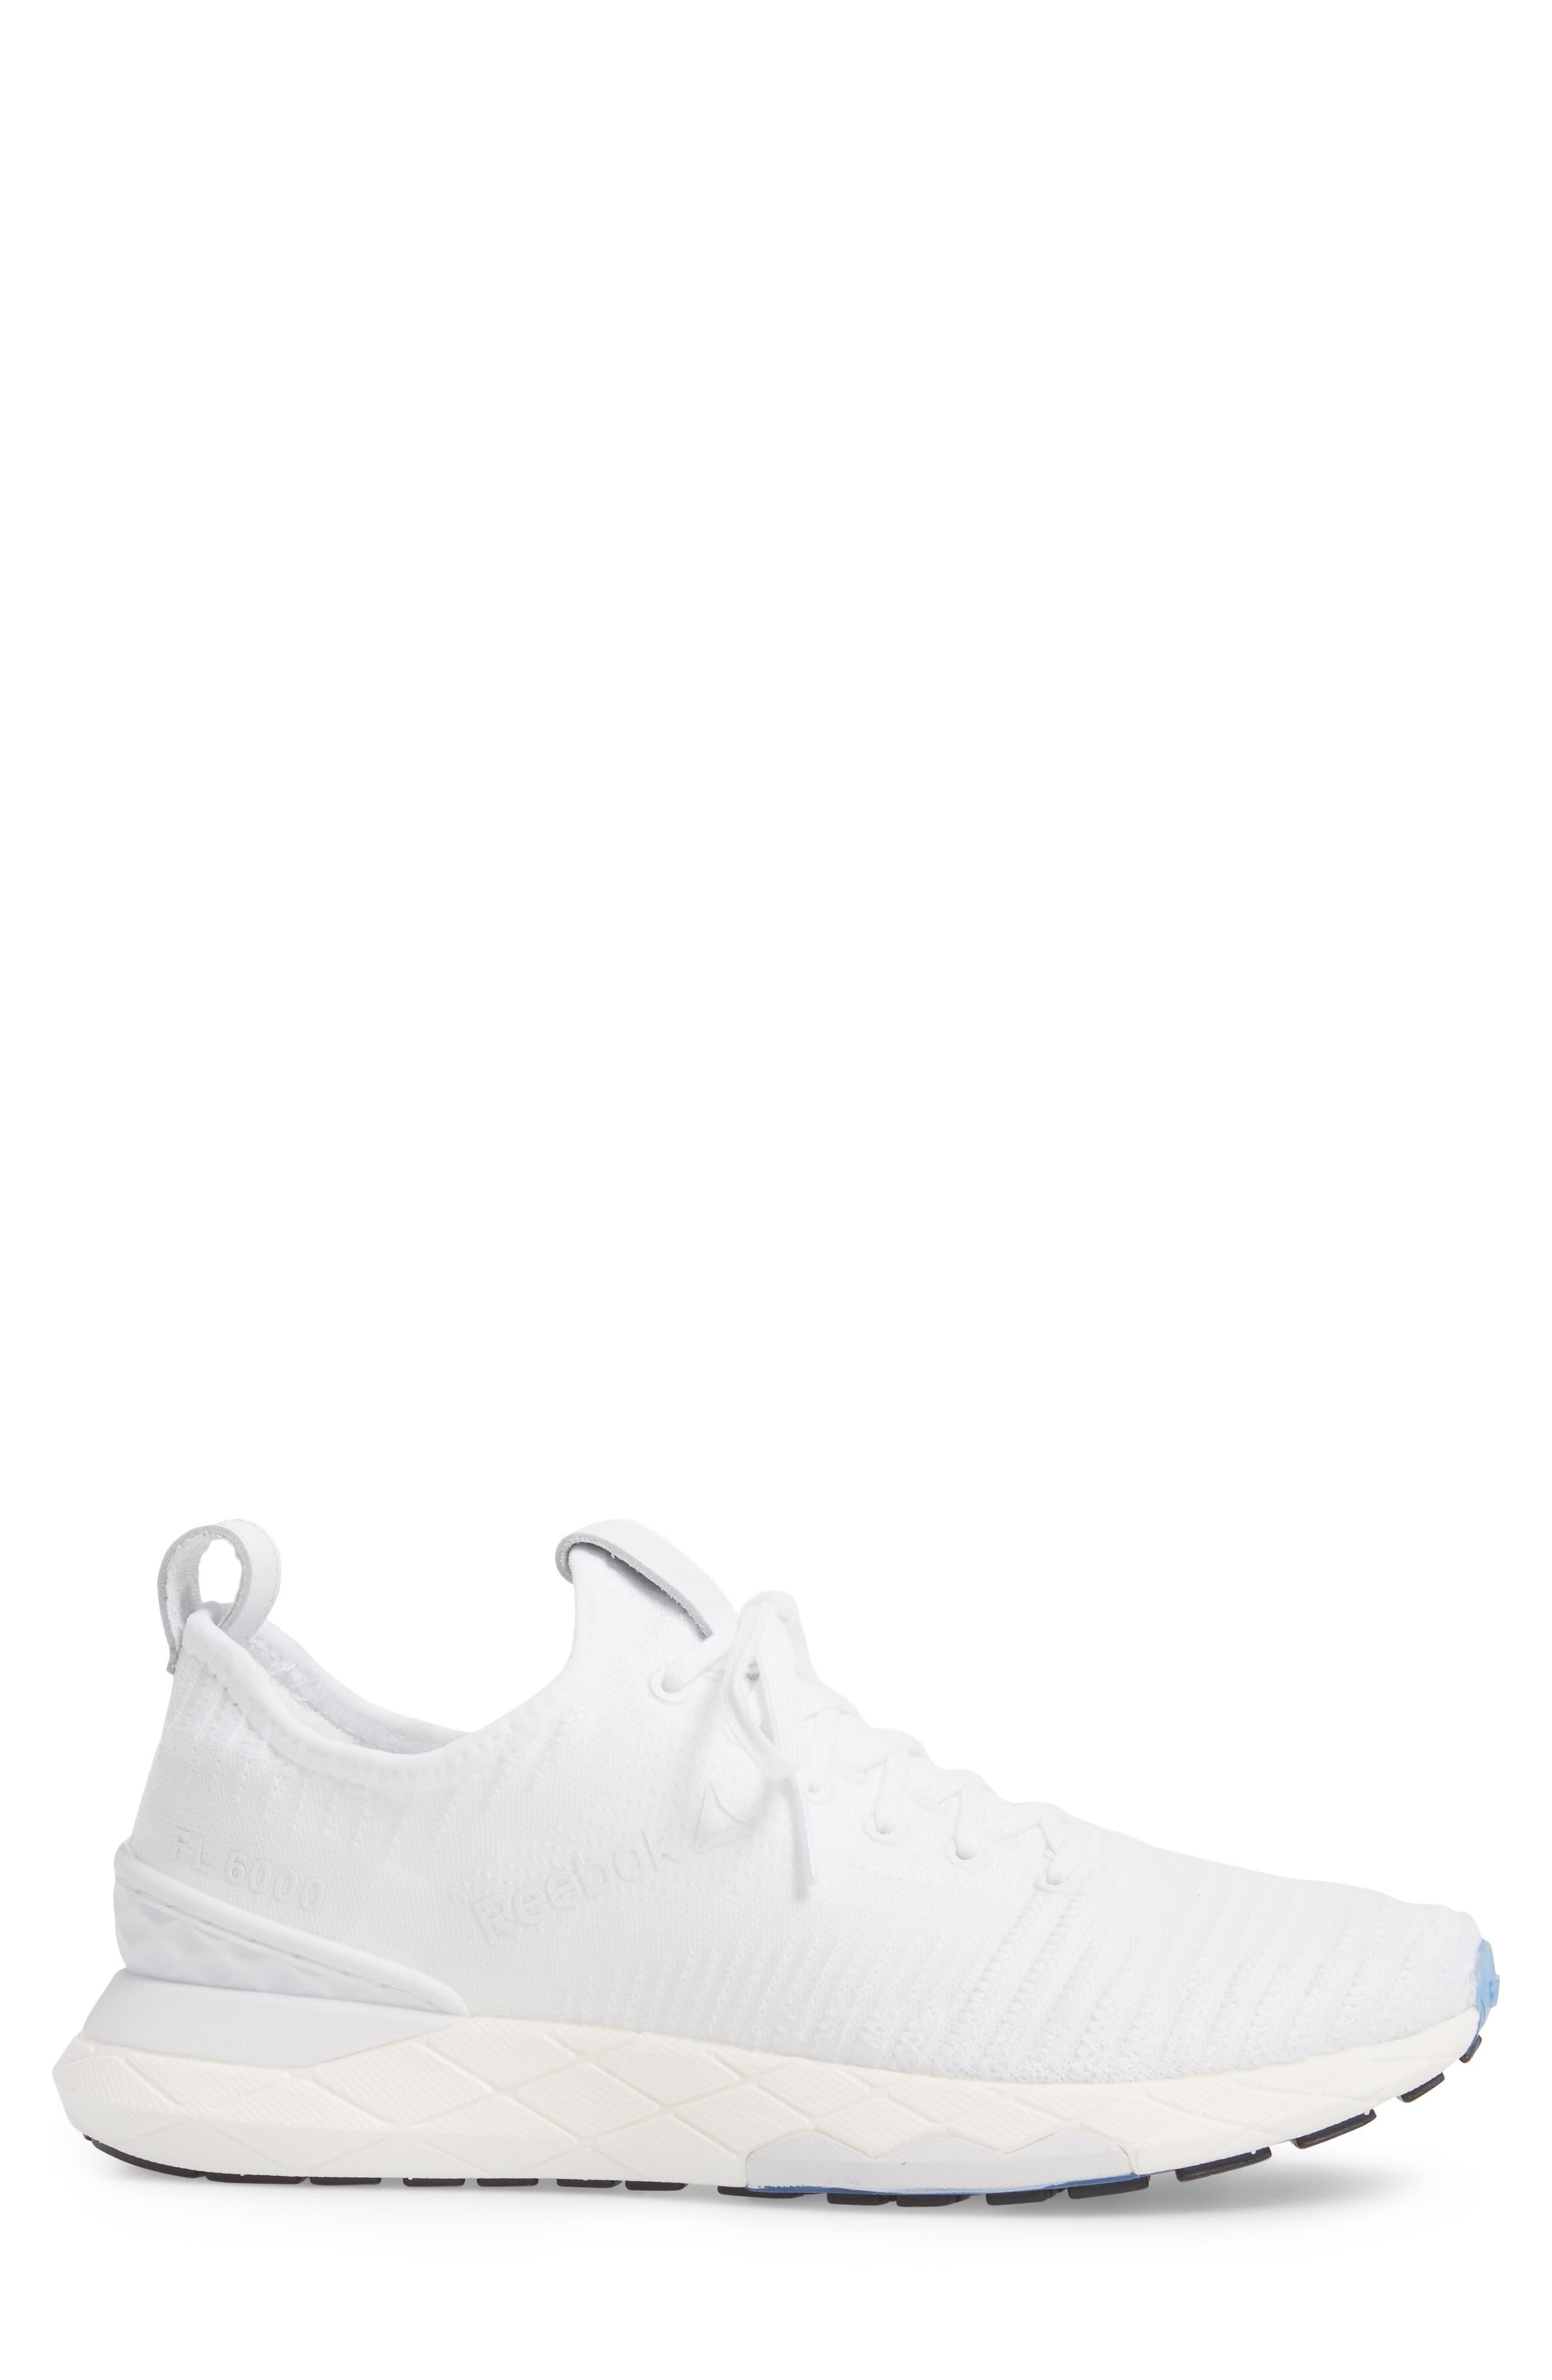 Floatride Run 6000 Running Shoe,                             Alternate thumbnail 3, color,                             White